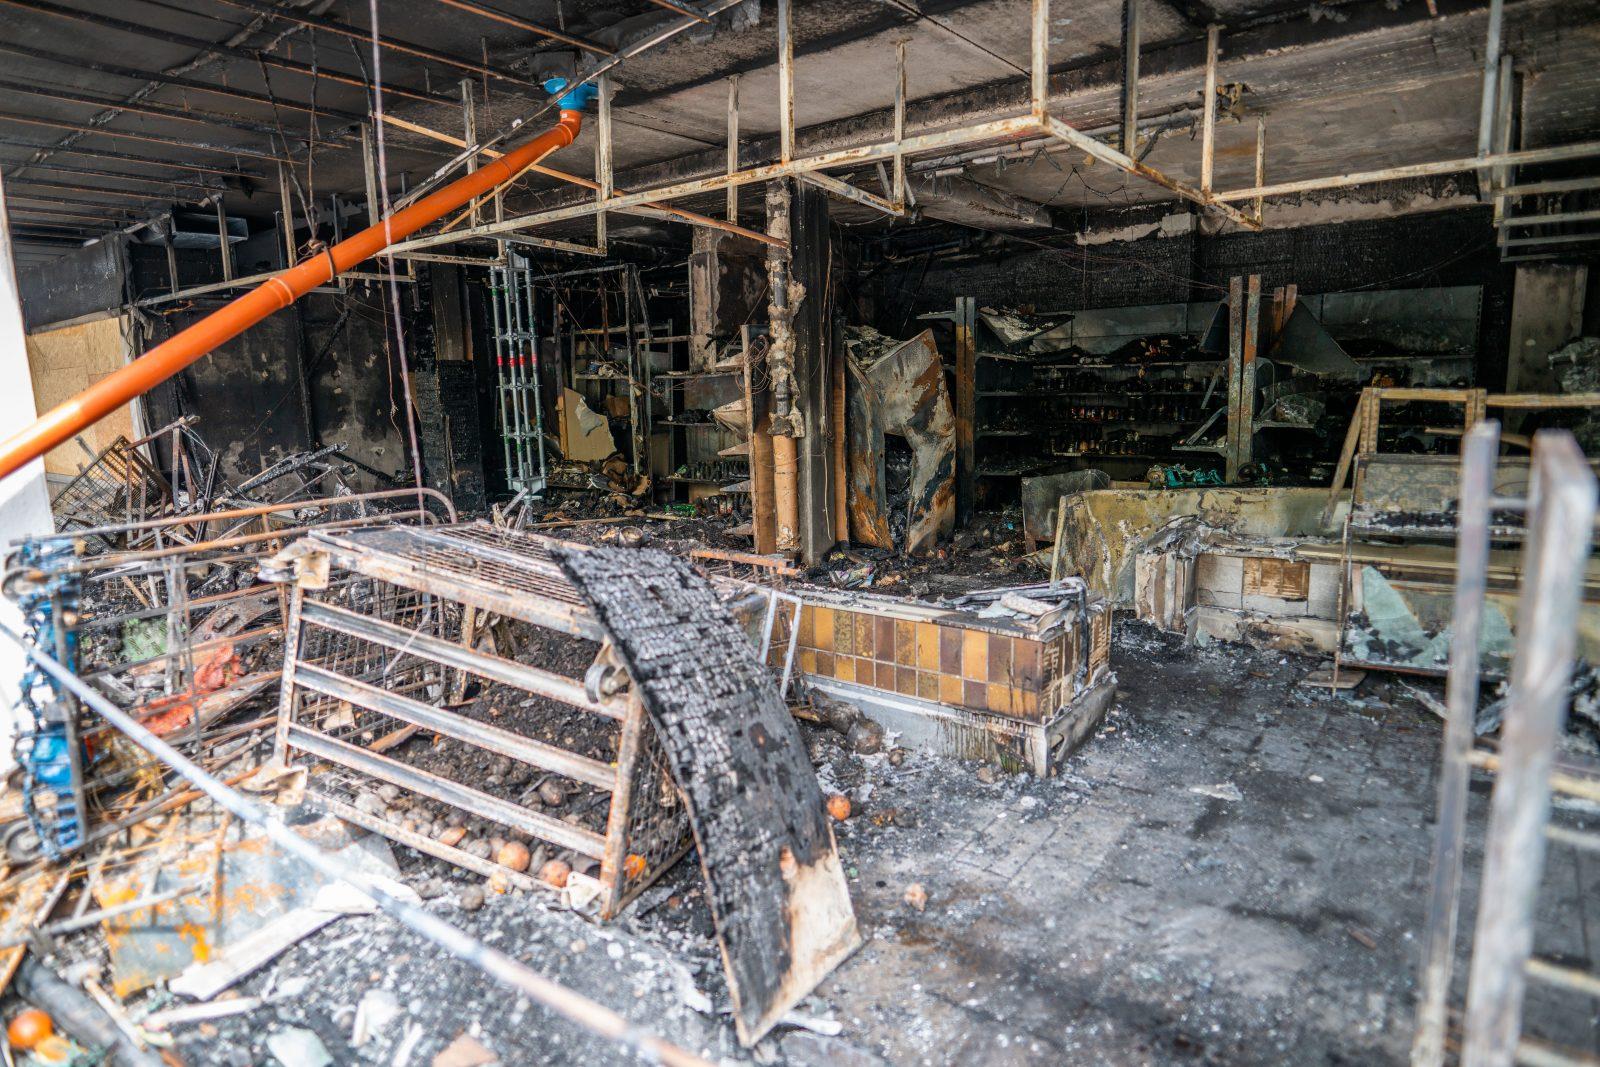 Nach Brand von türkischem Geschäft in Waldkraiburg